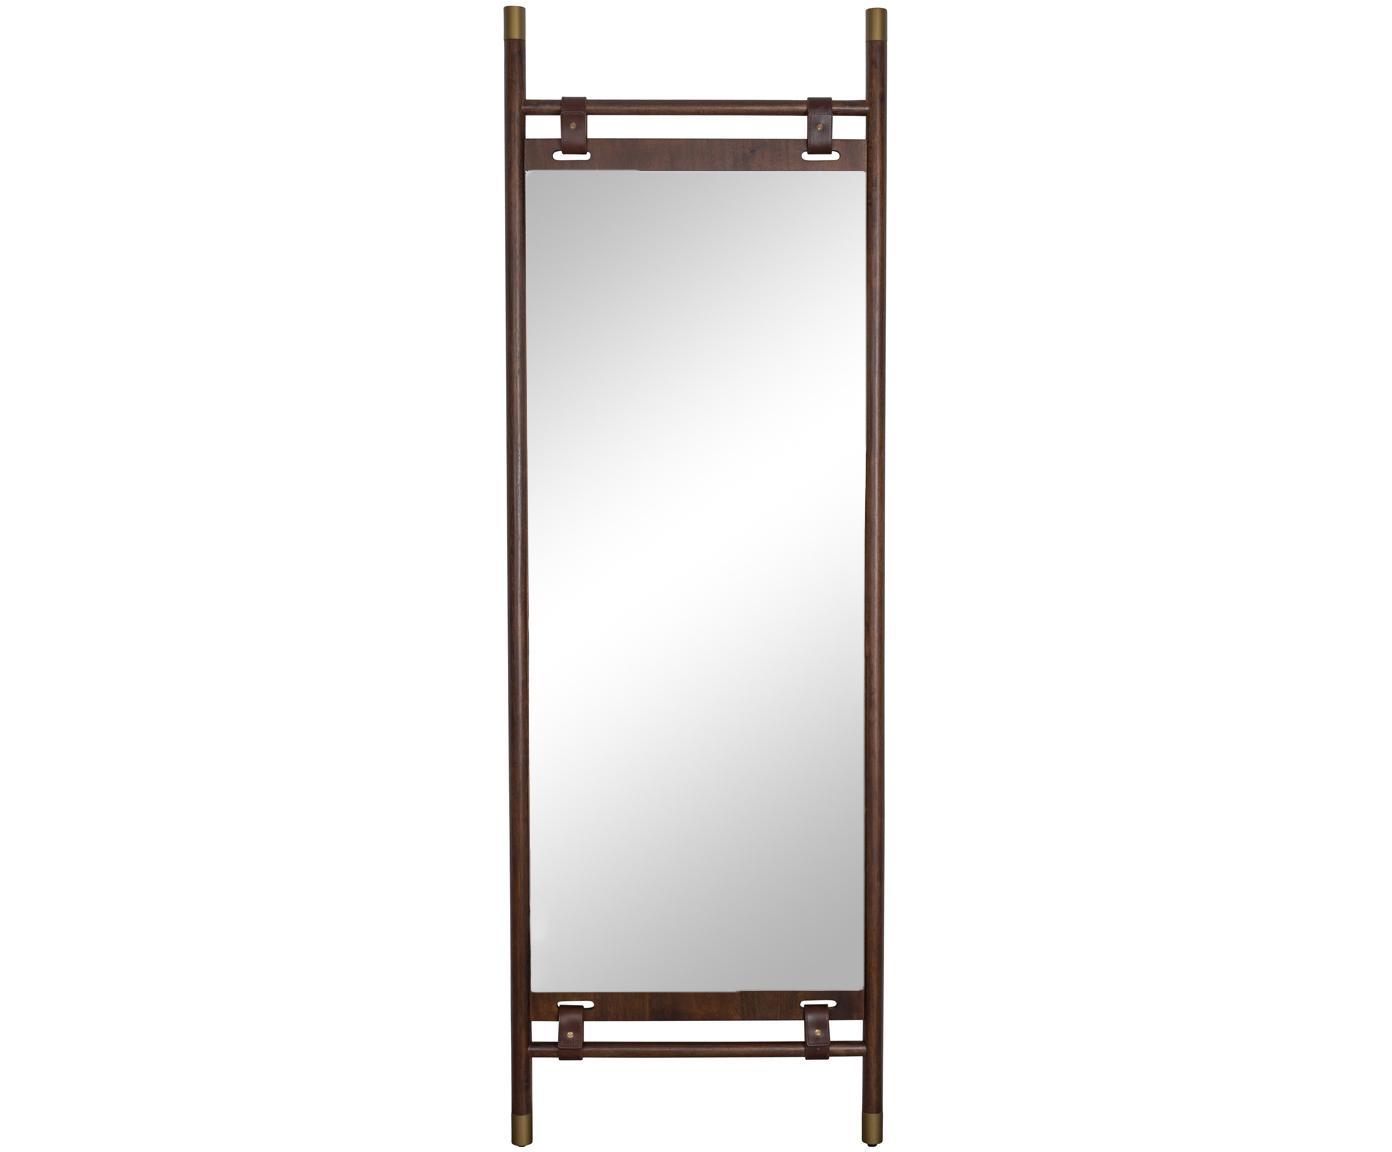 Donkerbruine leunende spiegel Riva met leren banden, Lijst: beukenhout, Lijst: donkerbruin. Spiegelvlak: spiegelglas, 60 x 180 cm